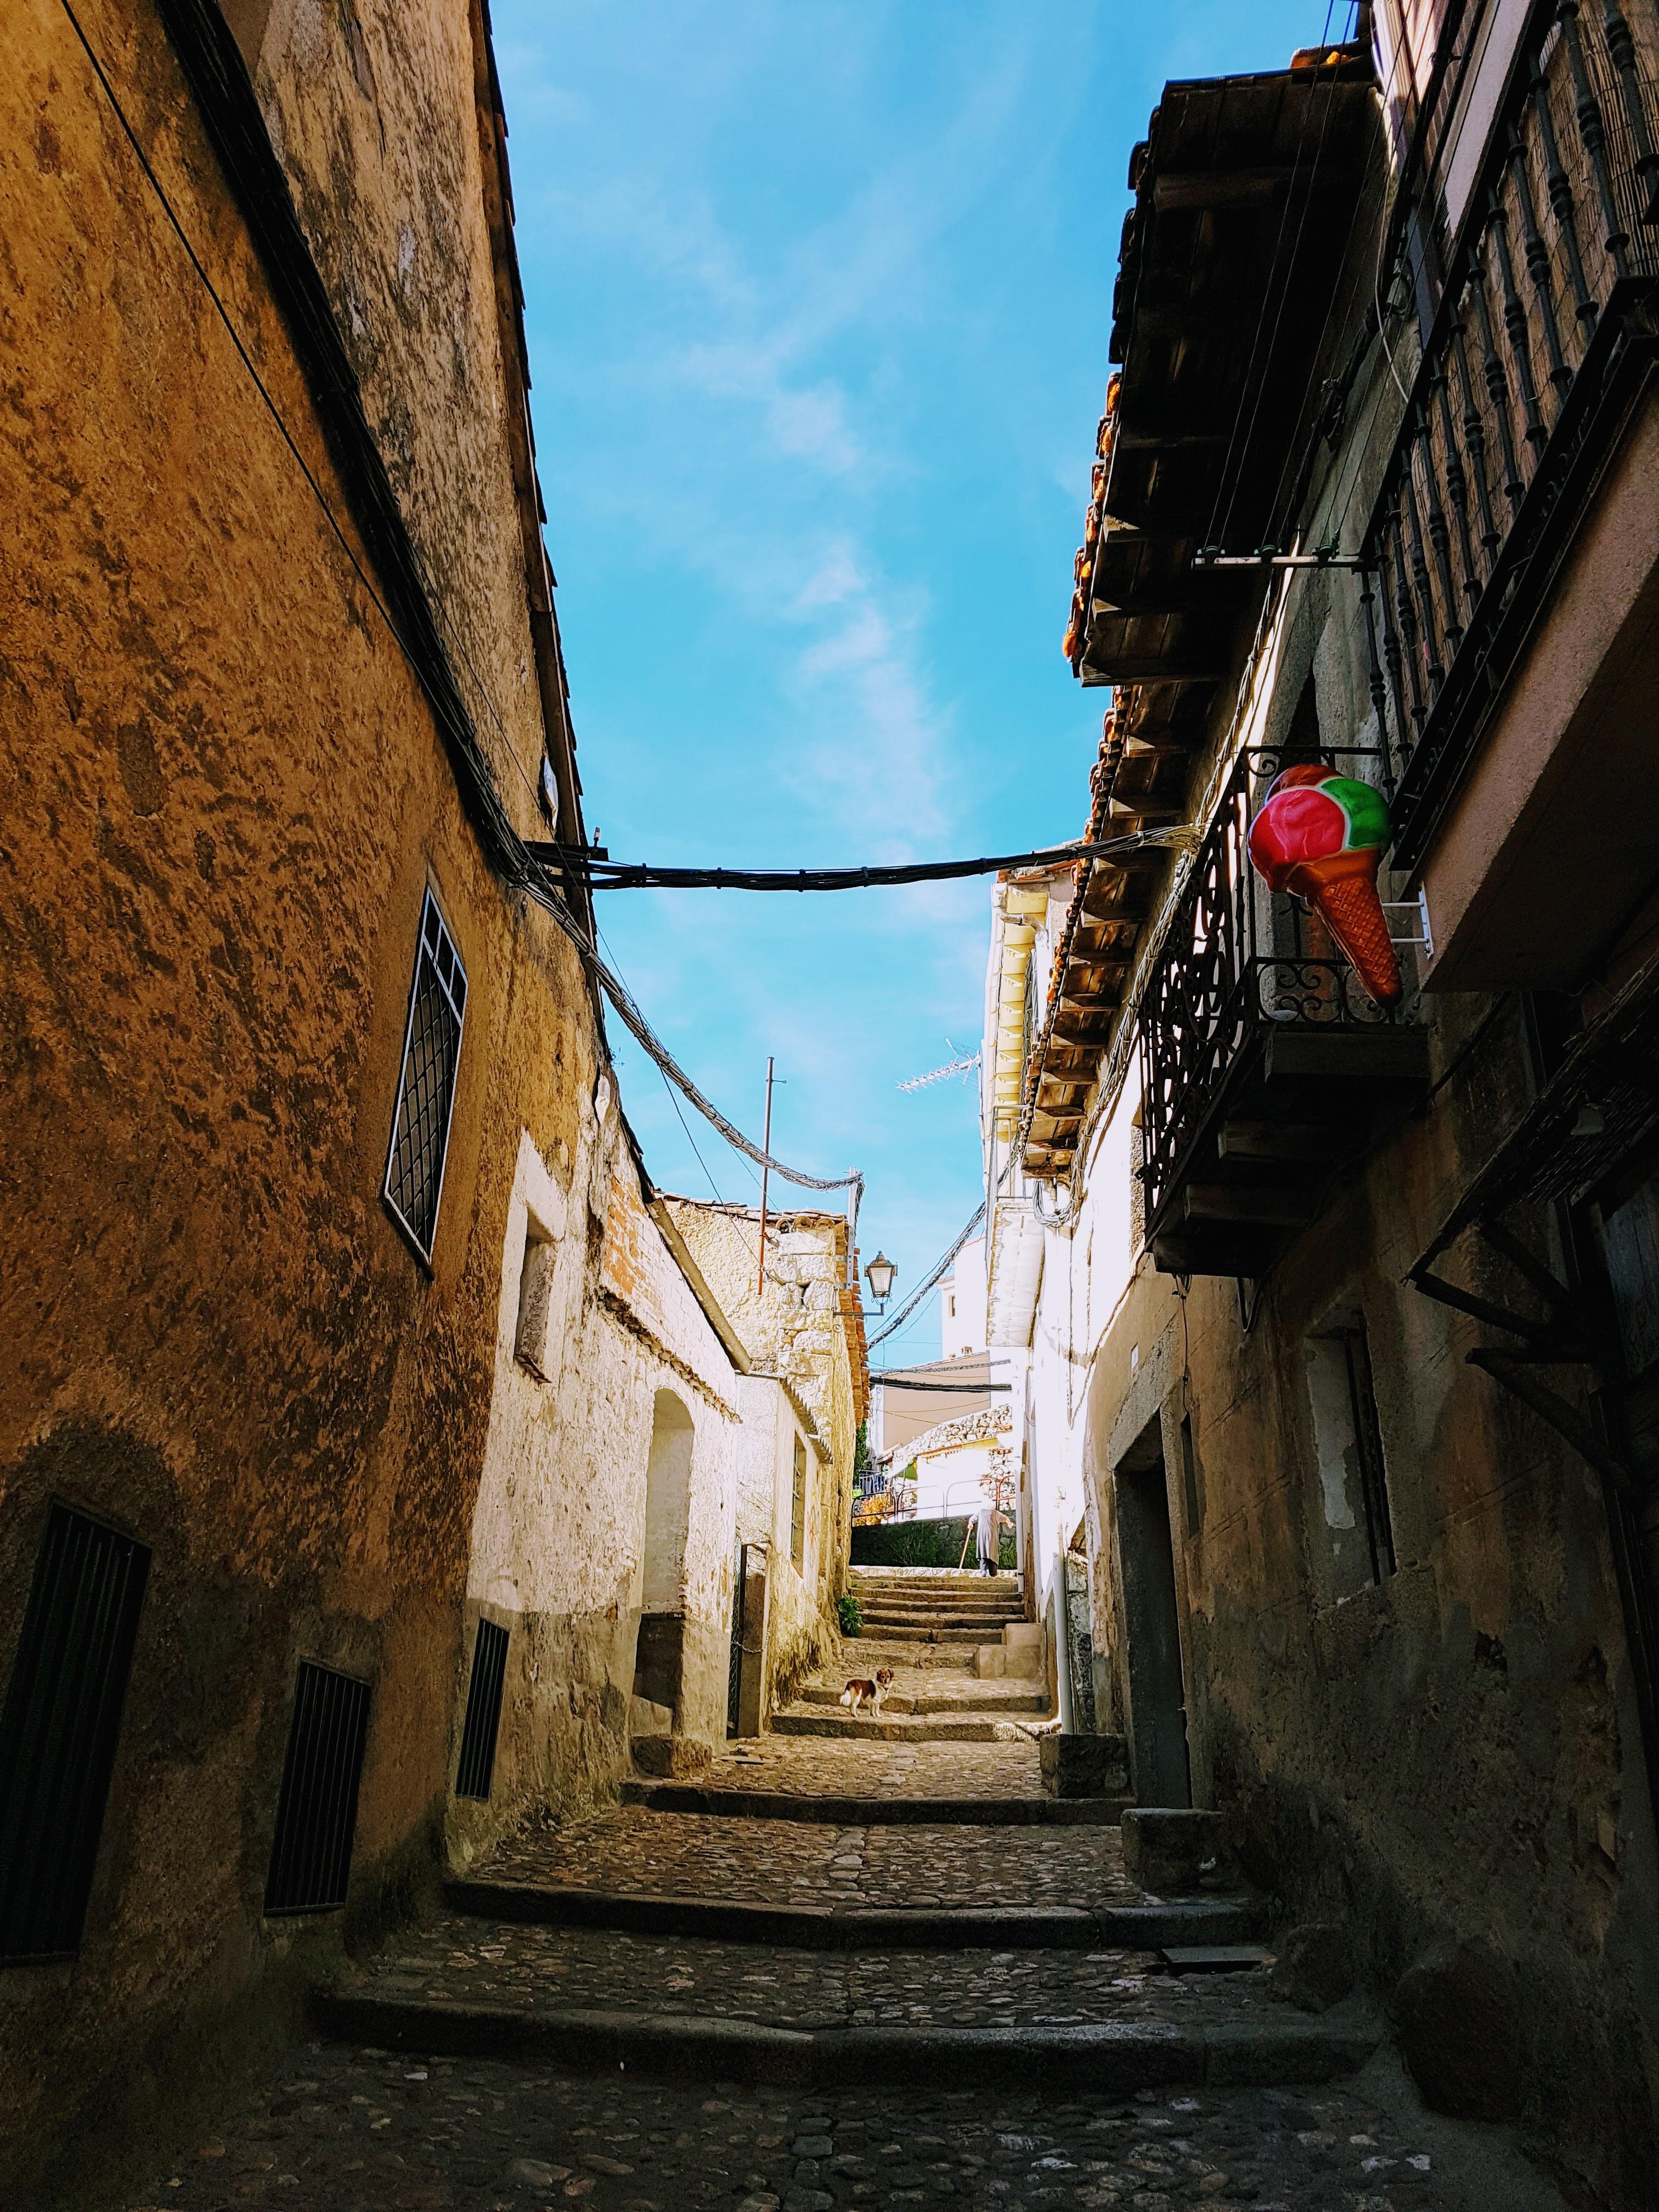 Calle de las Escalerillas